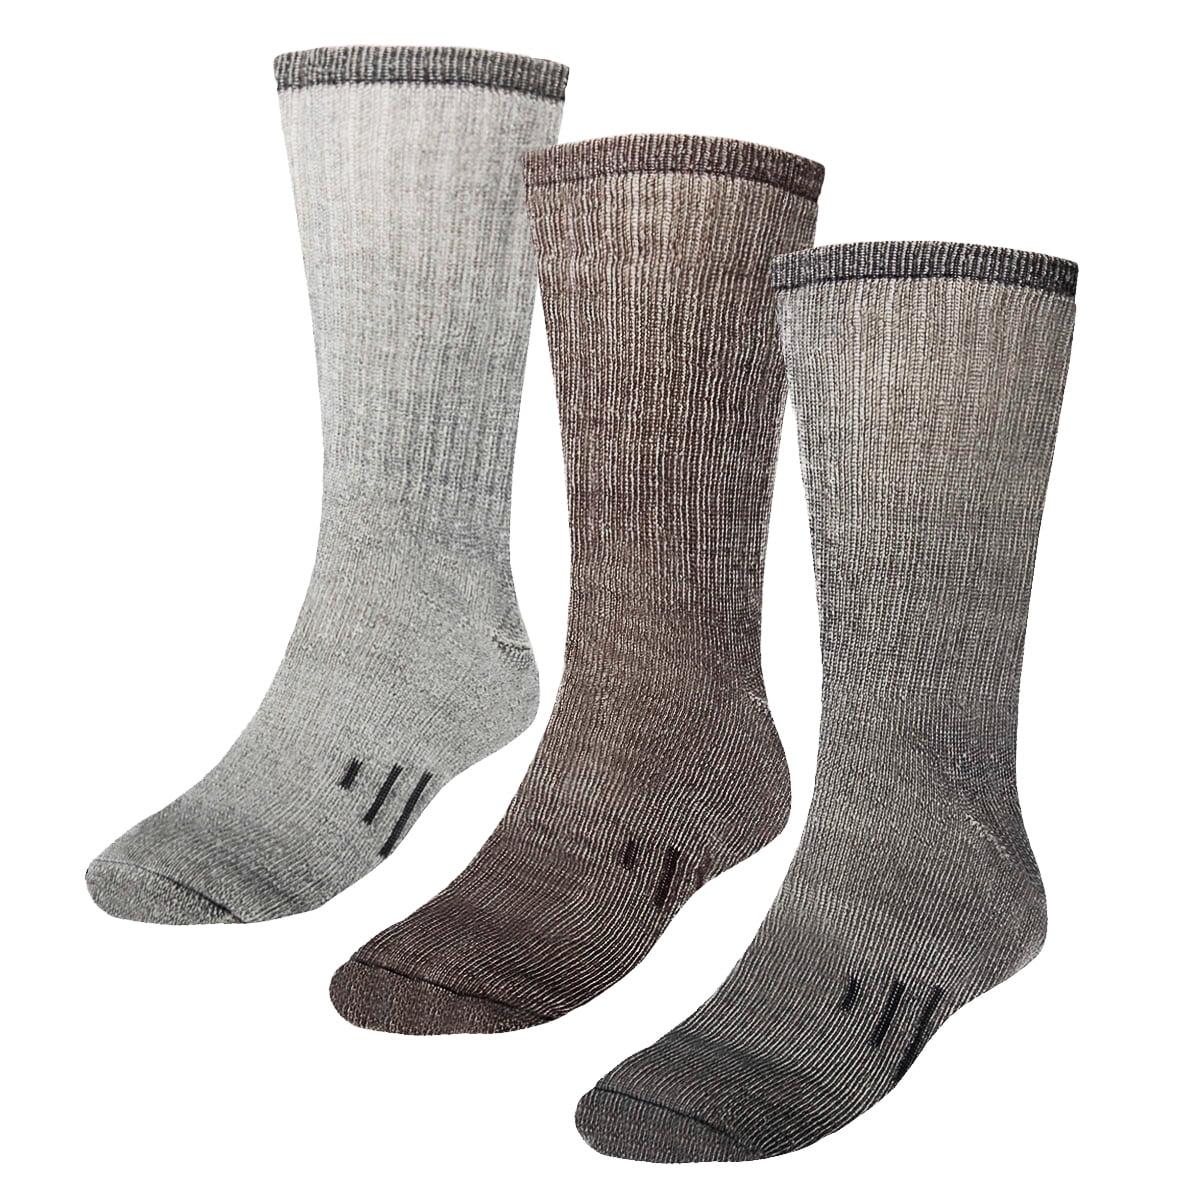 3 Pairs Thermal 80% Merino Wool Socks Hiking Crew Winter Mens Womens Kid's